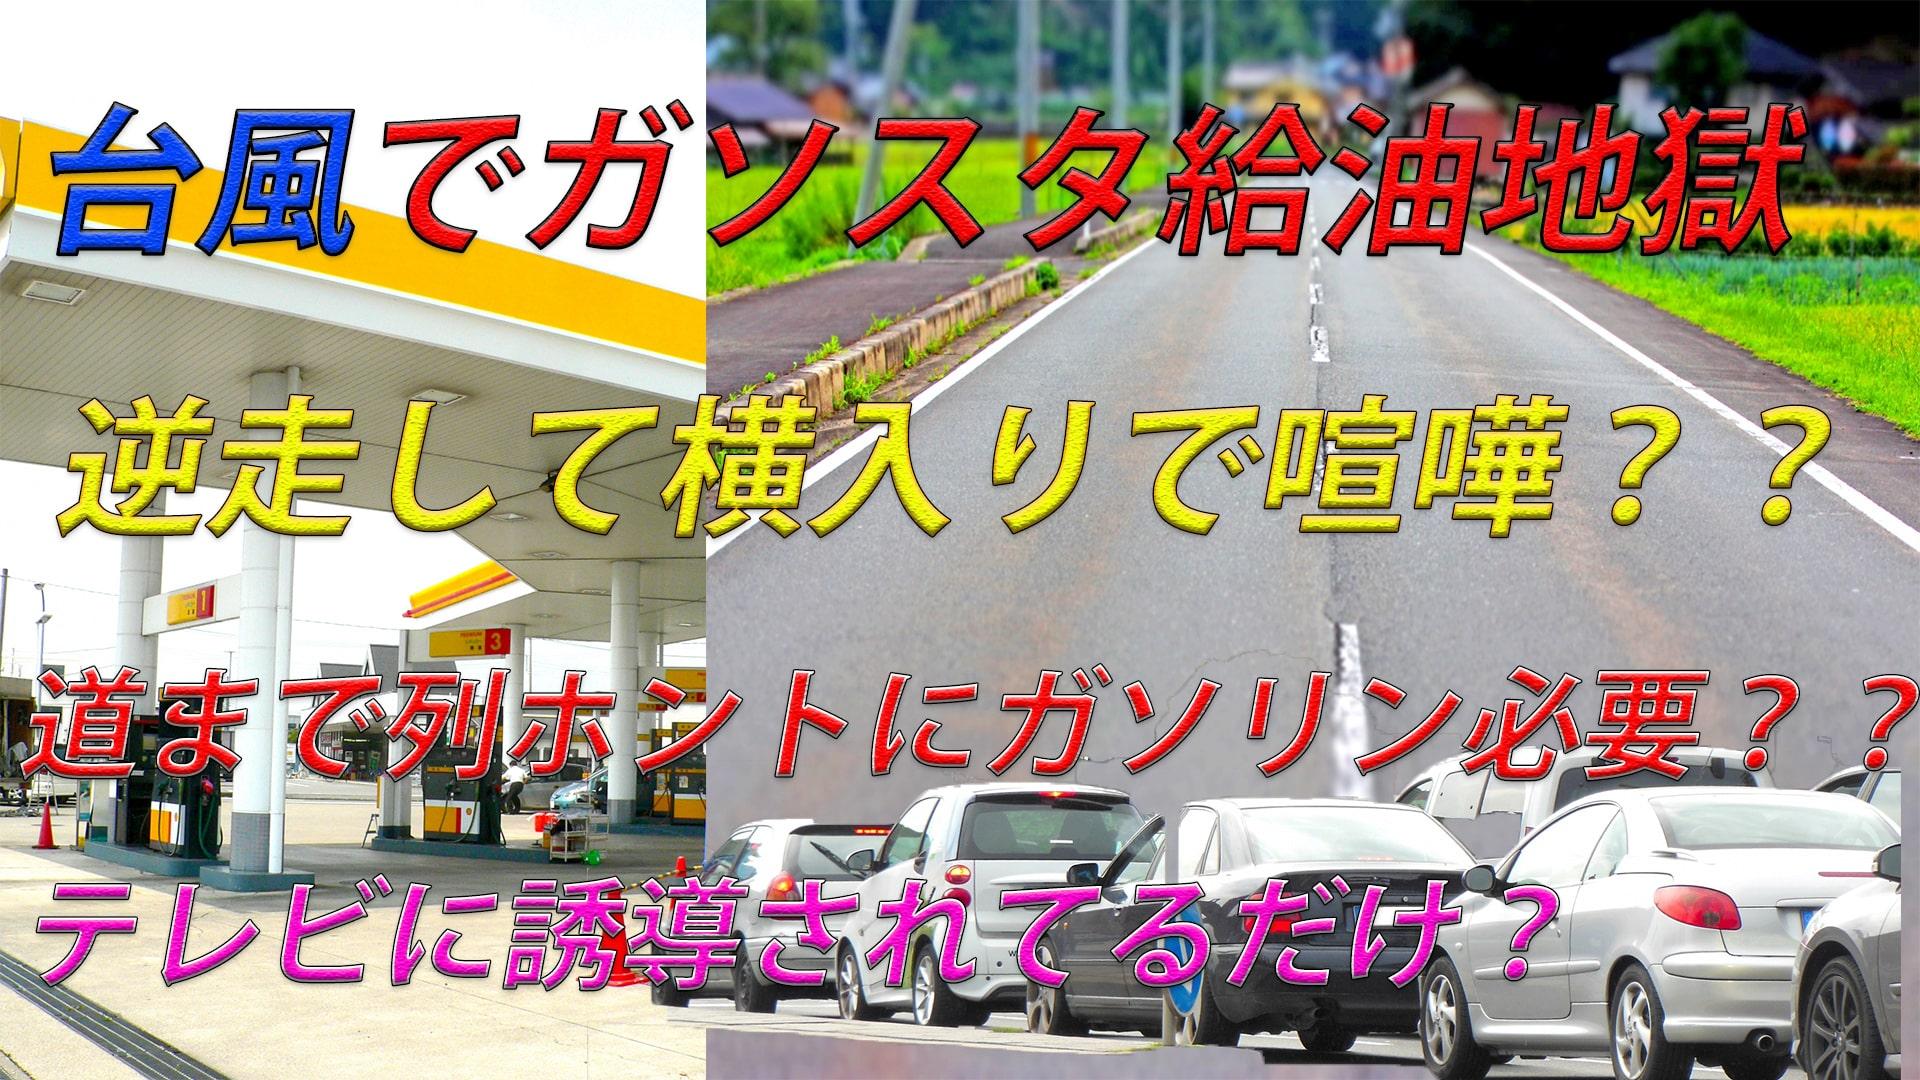 【店員】台風前のガソスタは大変??列が酷く事故も起きる寸前?